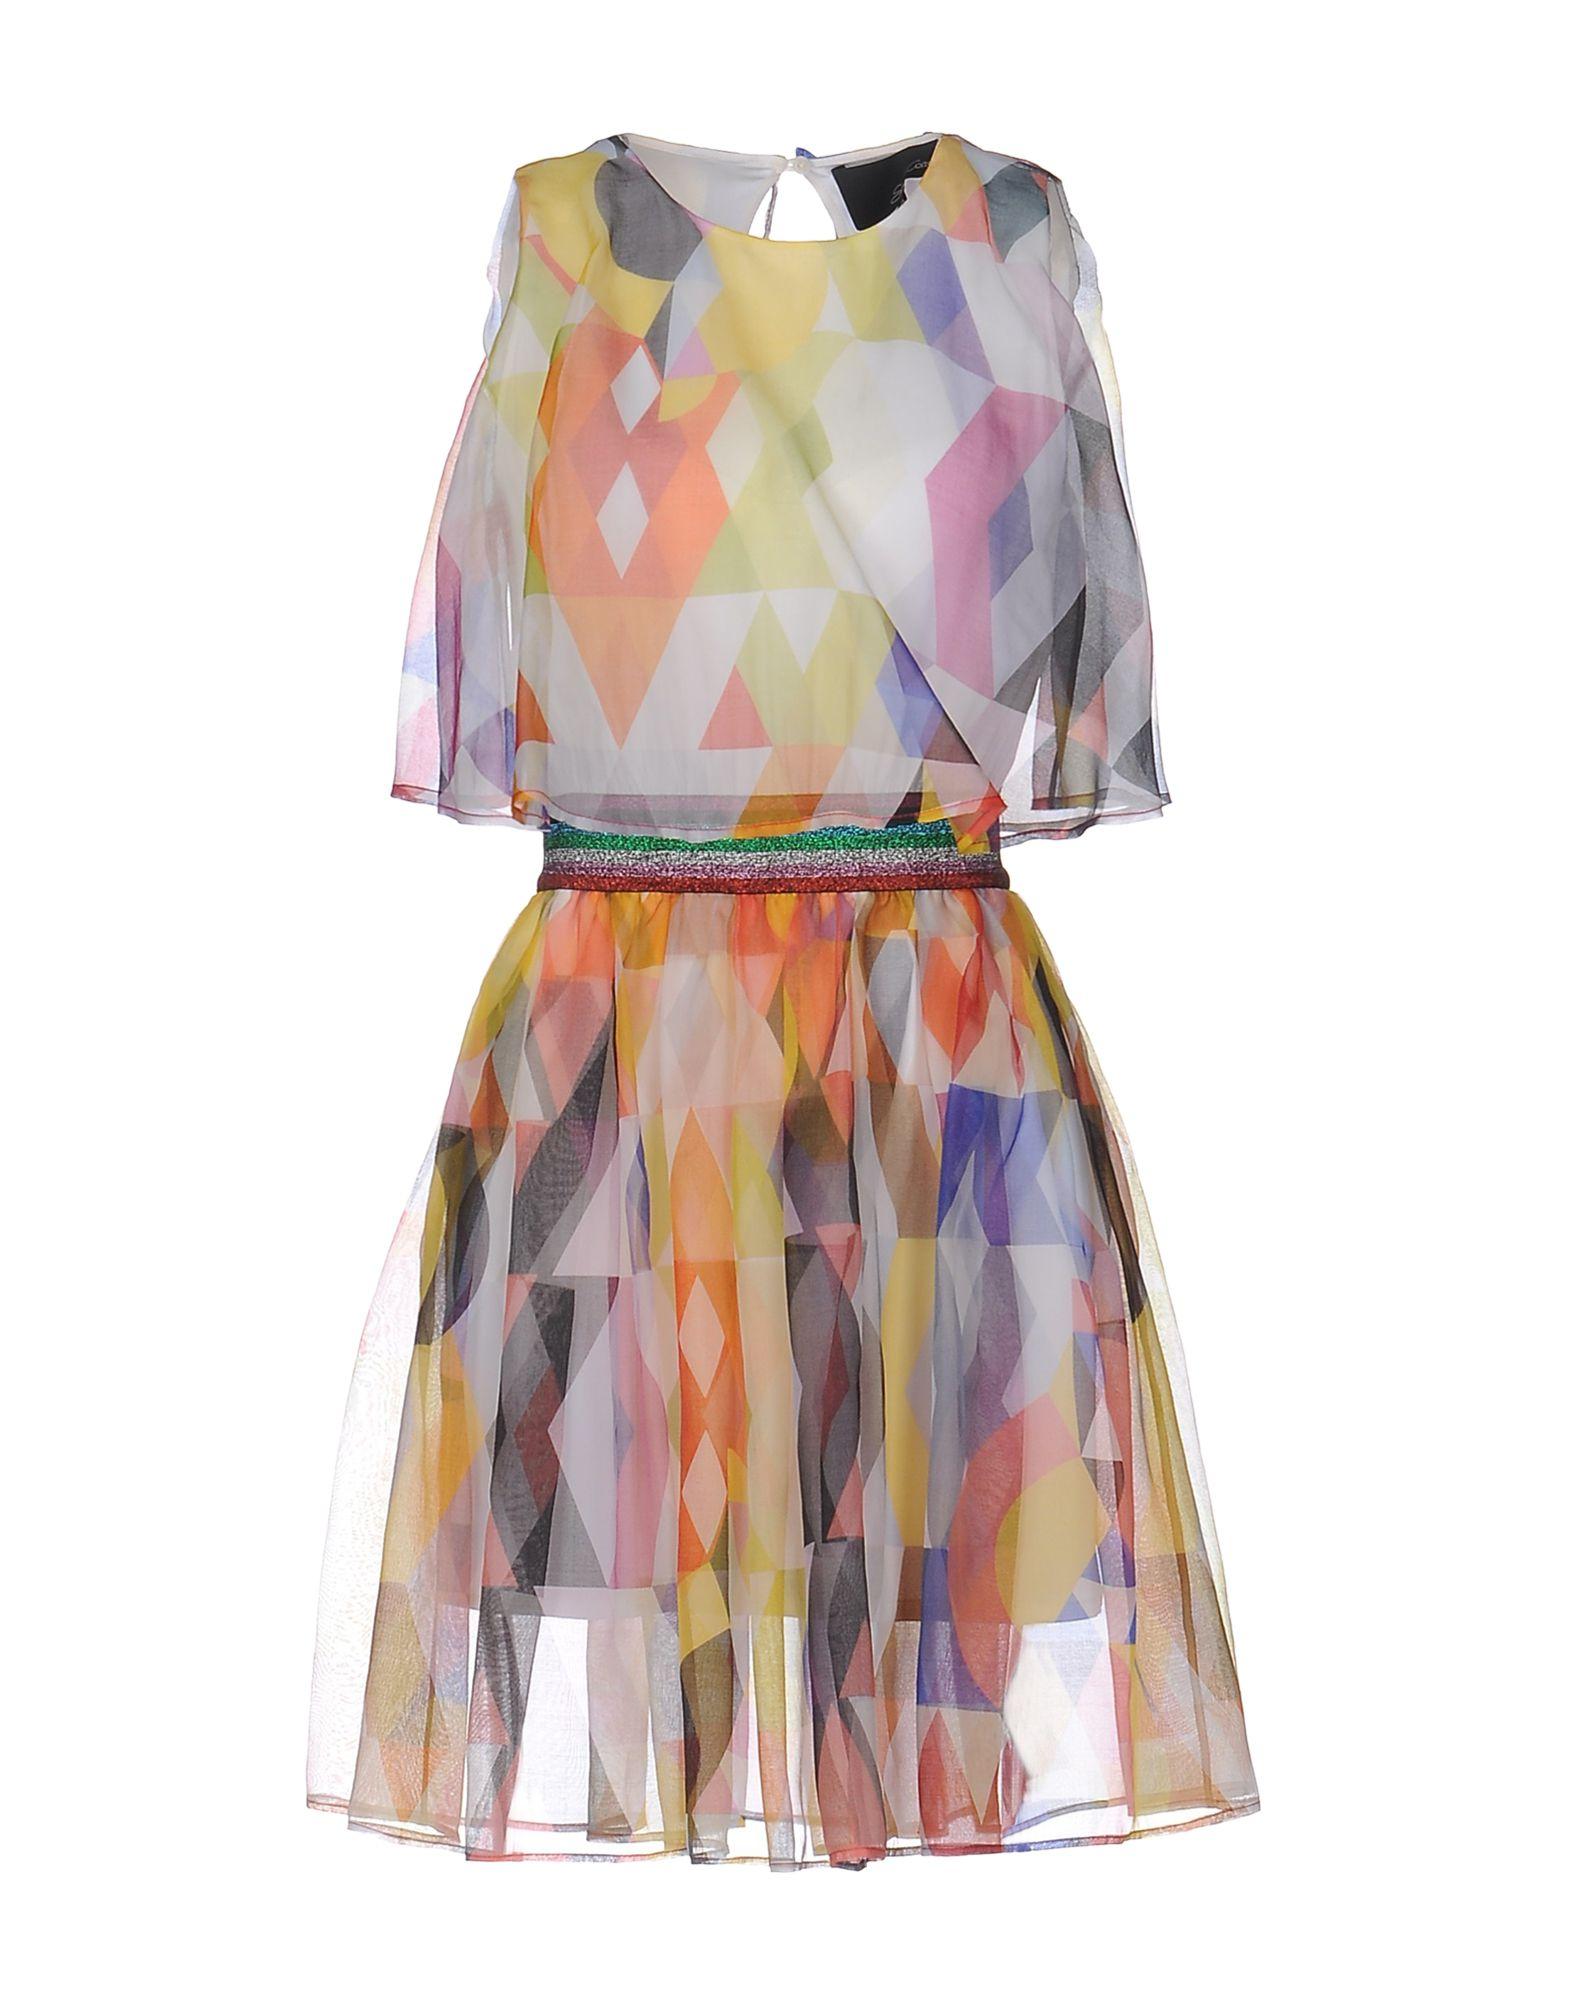 цены на SIMONA CORSELLINI Короткое платье в интернет-магазинах